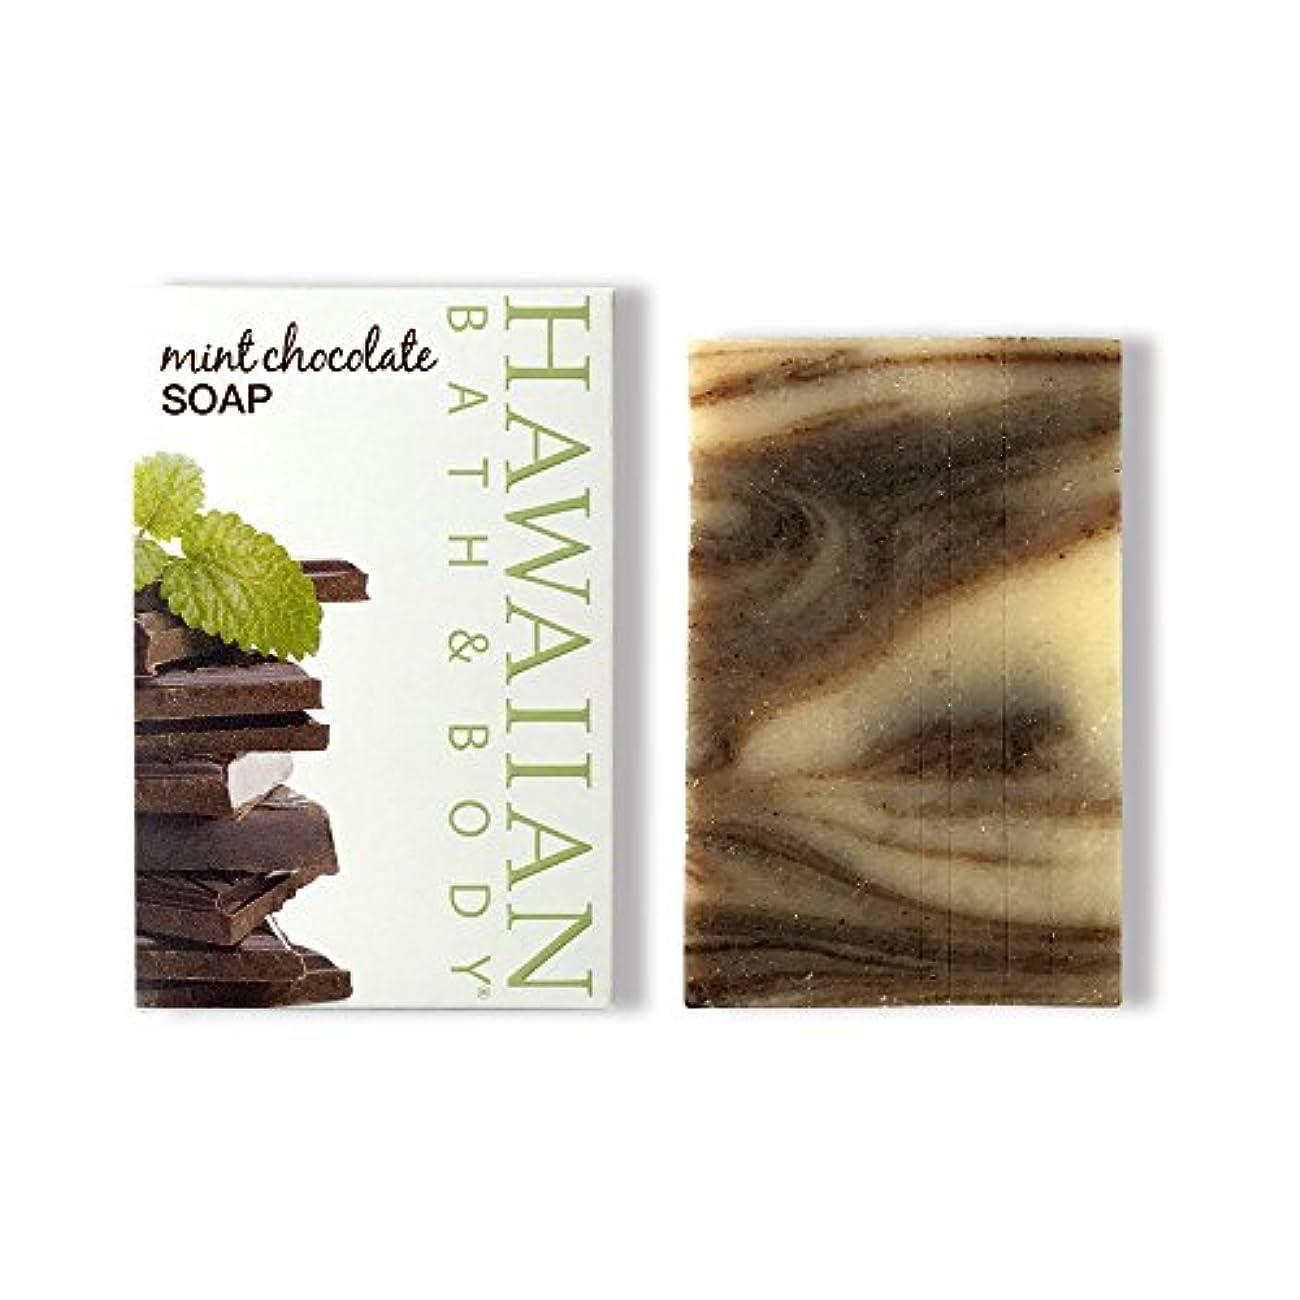 のスコアブラジャー議会ハワイアンバス&ボディ ハワイアン?ミントチョコレートソープ ( Hawaii Mint Chocolate Soap )